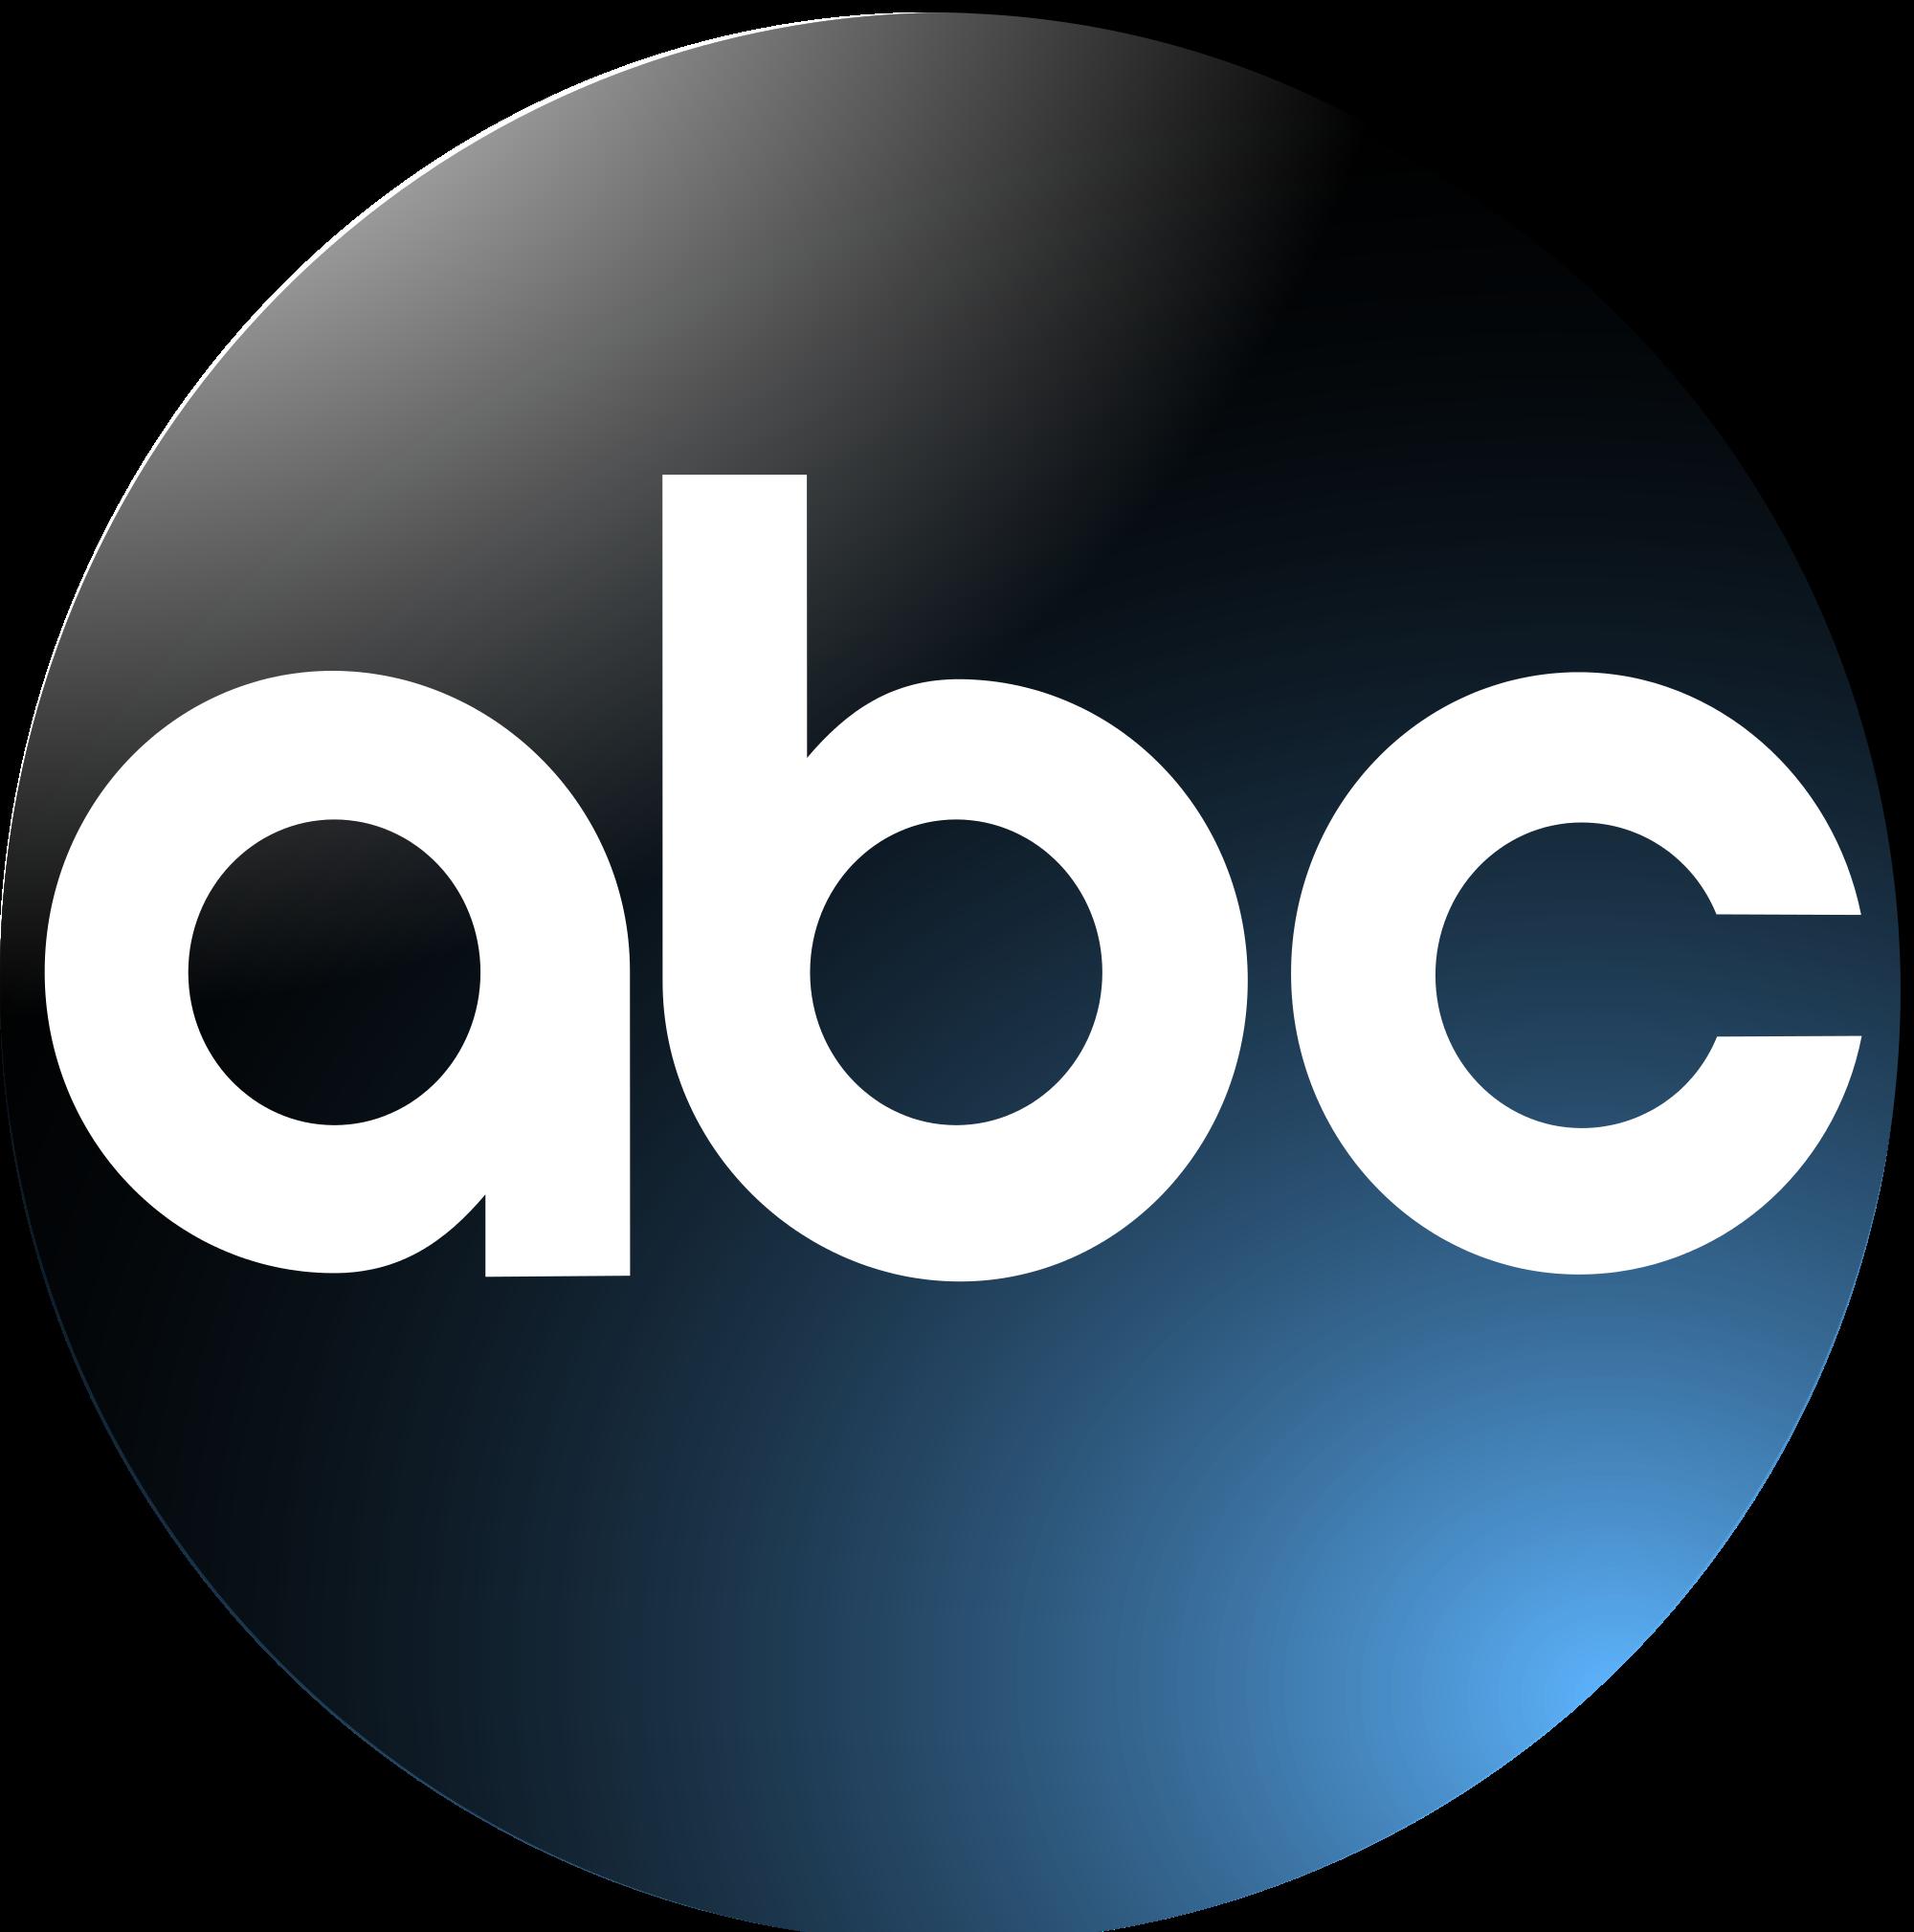 Open PlusPng.com  - Abc Logo PNG